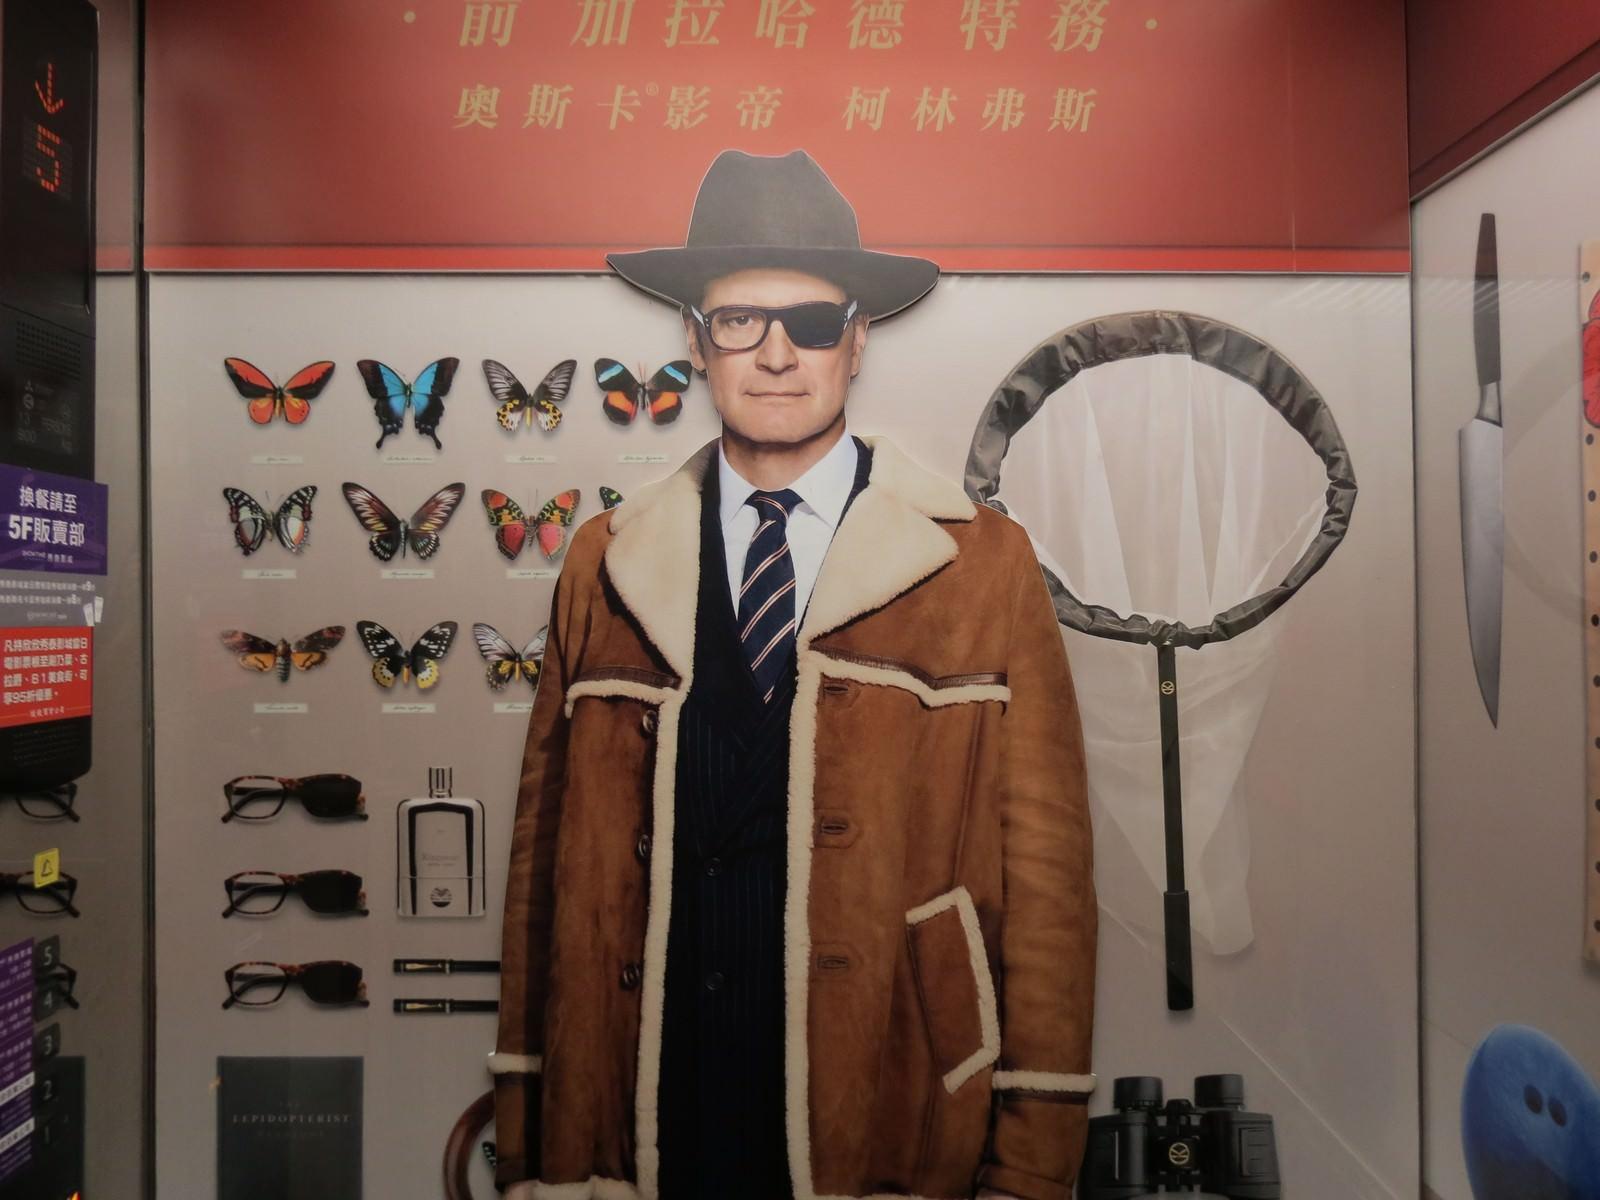 Movie, Kingsman: The Golden Circle(美國, 2017年) / 金牌特務:機密對決(台灣) / 王牌特工2:黄金圈(中國) / 皇家特工:金圈子(香港), 廣告看板, 欣欣秀泰影城